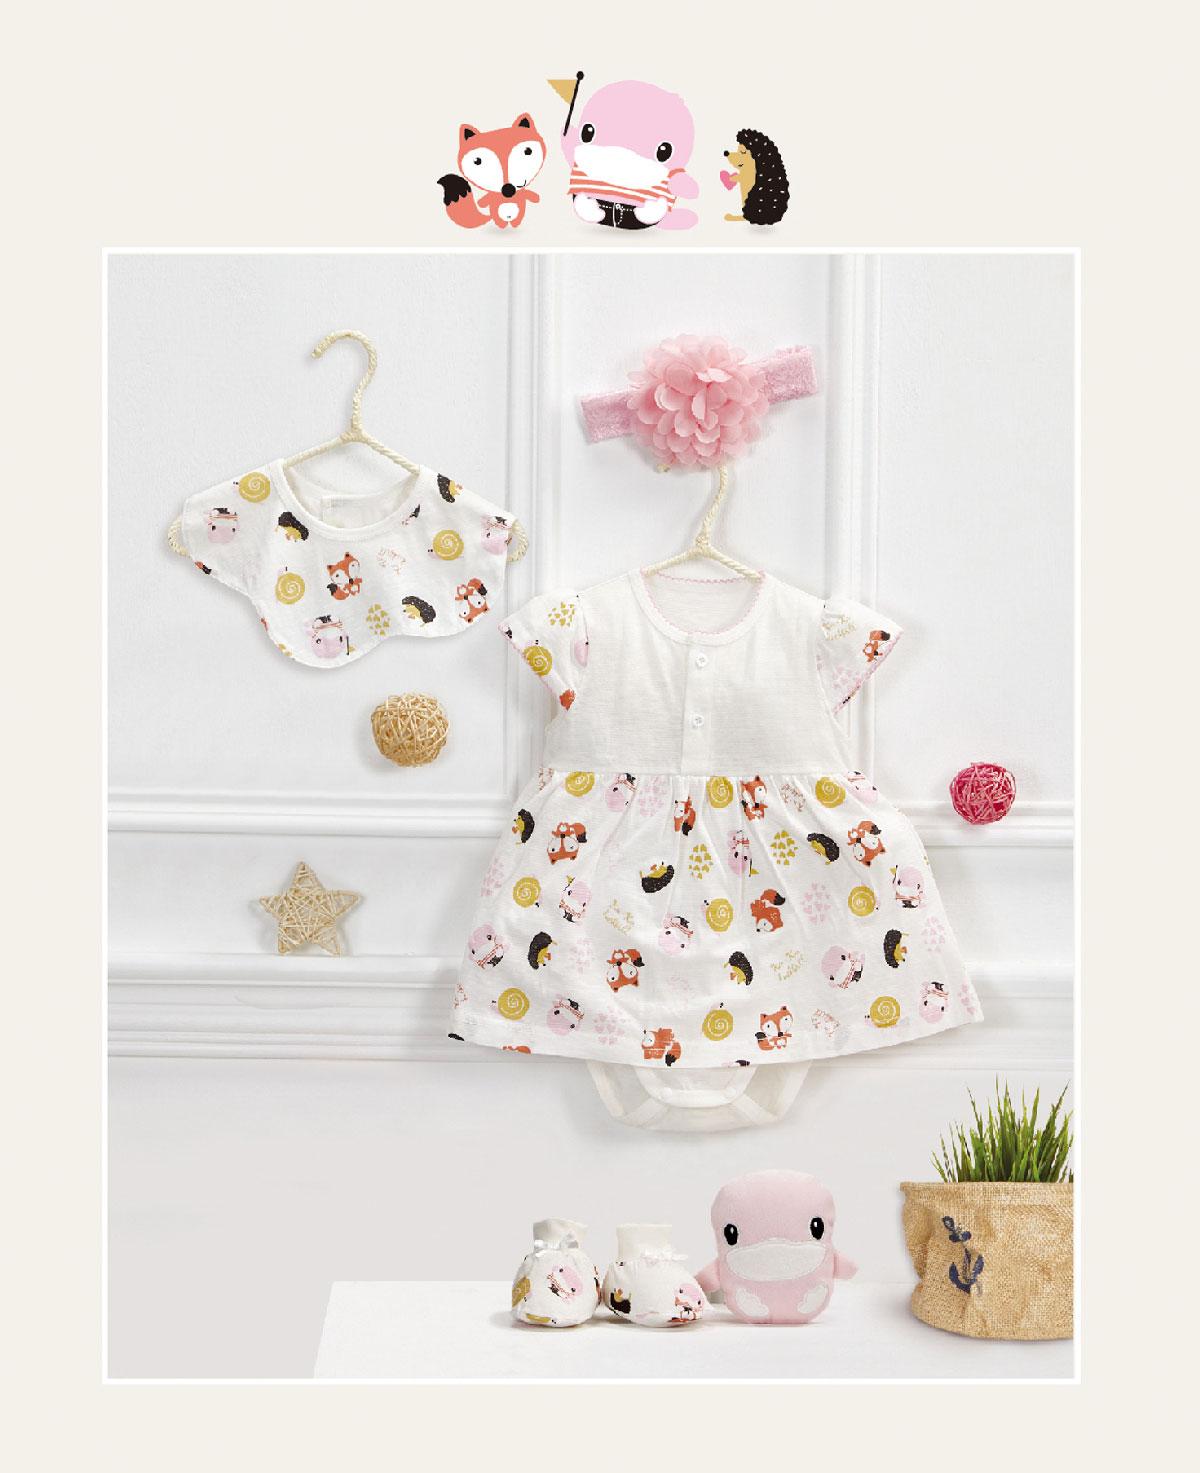 proimages/Seasonal_clothing/2021-spring/8676/8676.jpg